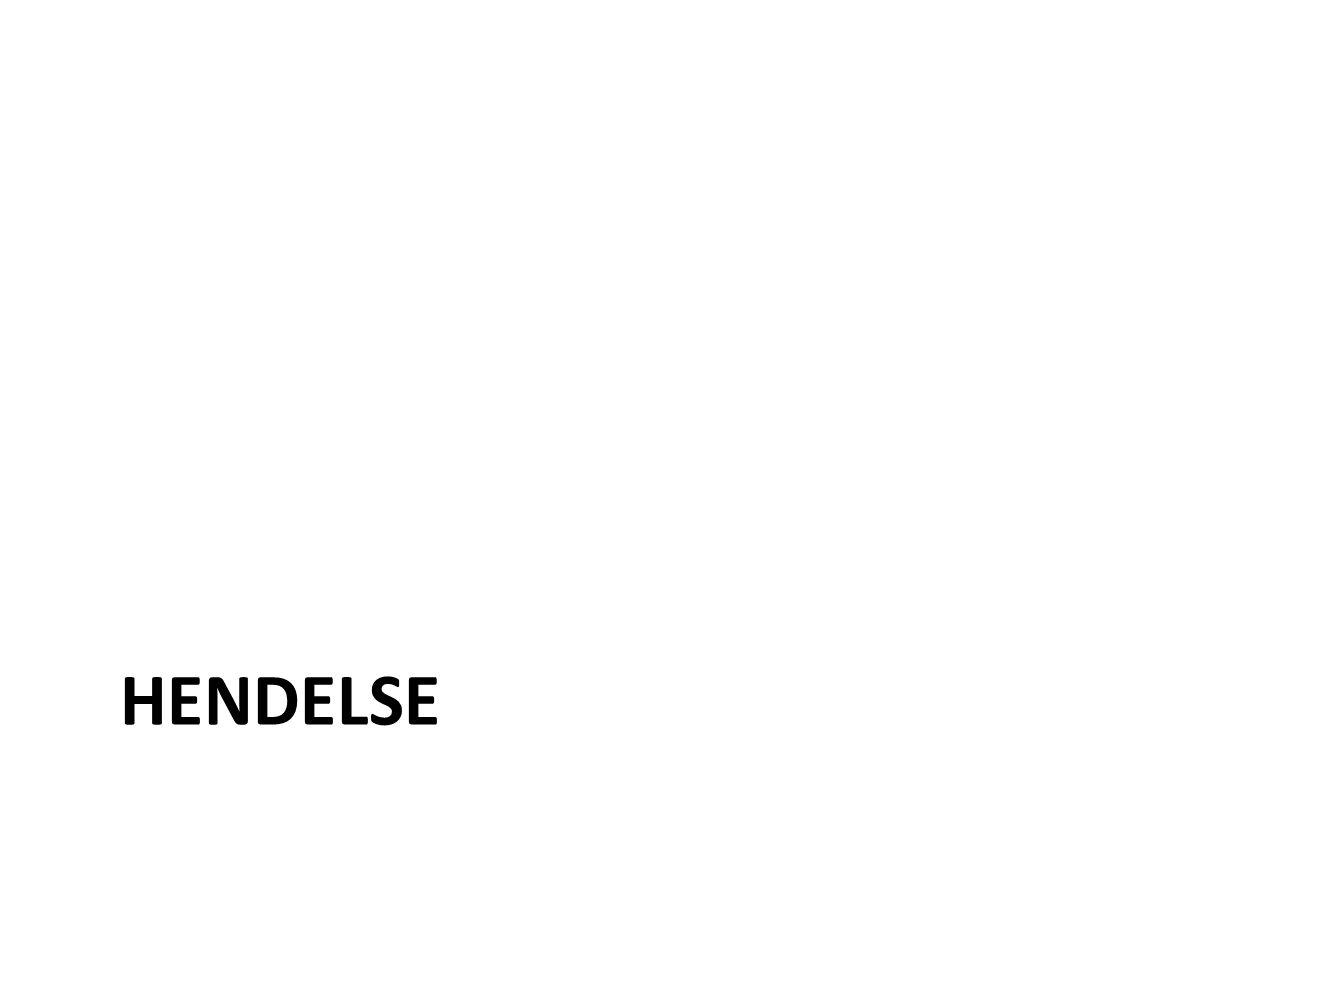  Konsert  Bingo  Idrettsarrangement  Få besøk  Dra på besøk   En annen hendelse   Vis forsiden  Vil spørre om noe  Bruk bokstavtavlen    Dra ut  Kino      Feil Ny setning